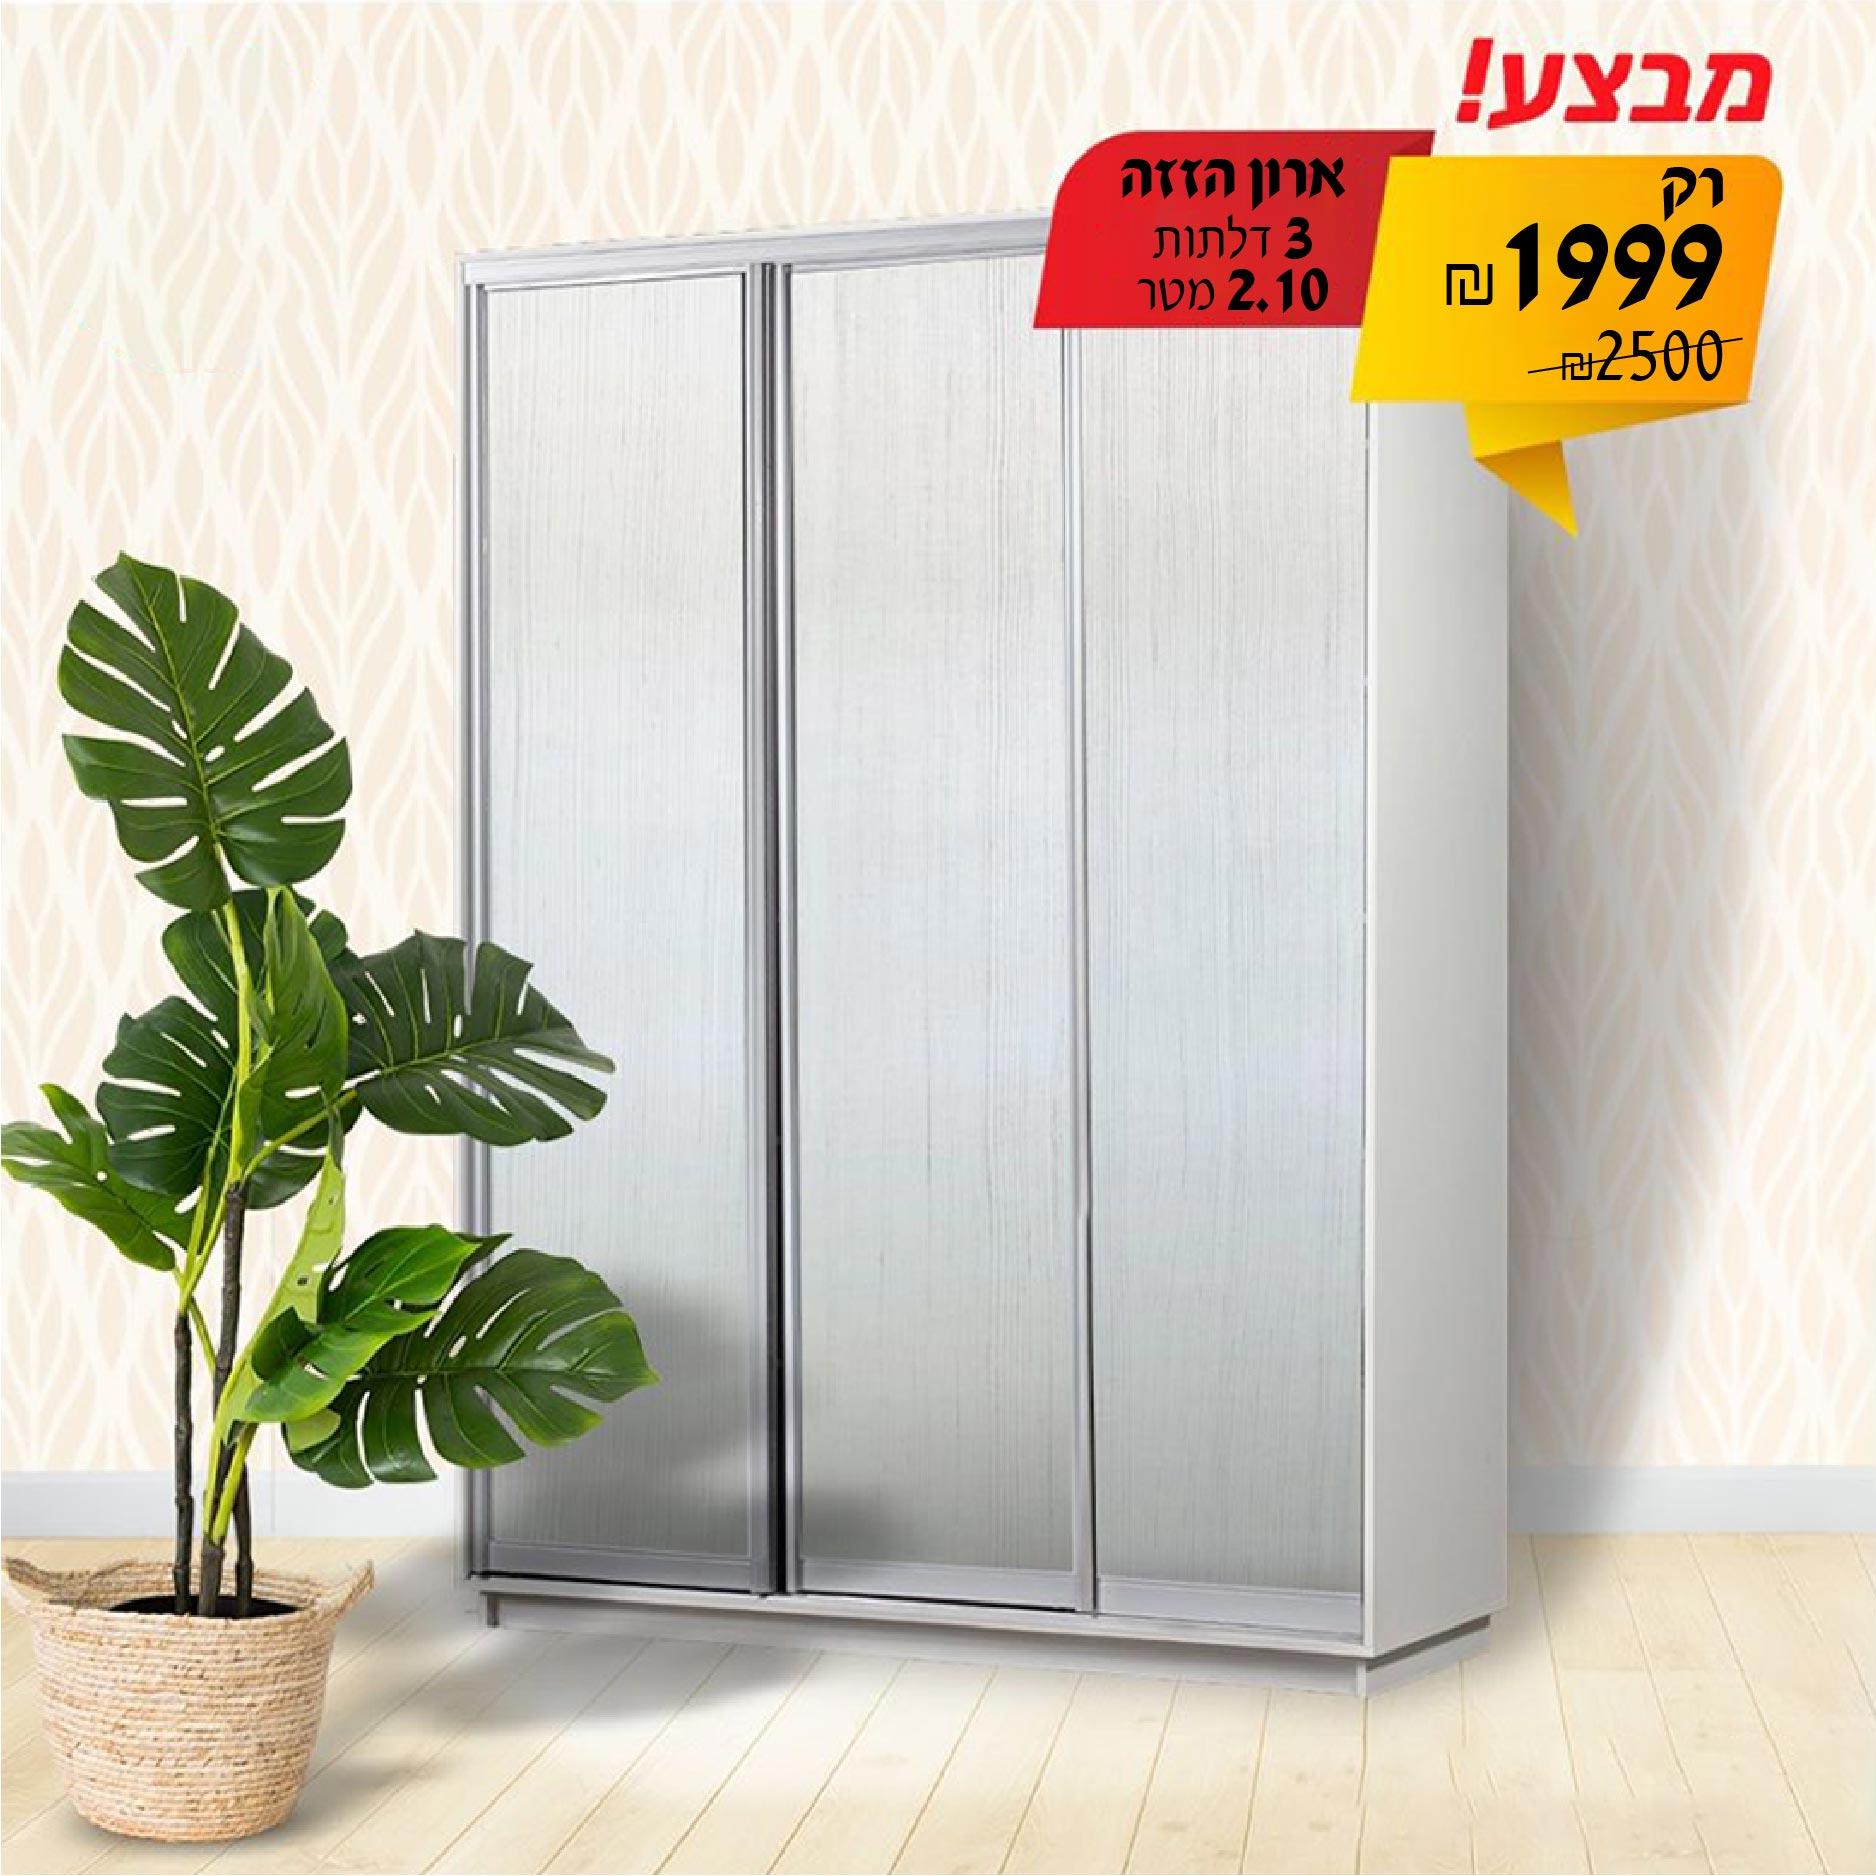 ארון הזזה 3 דלתות 2.10 מטר